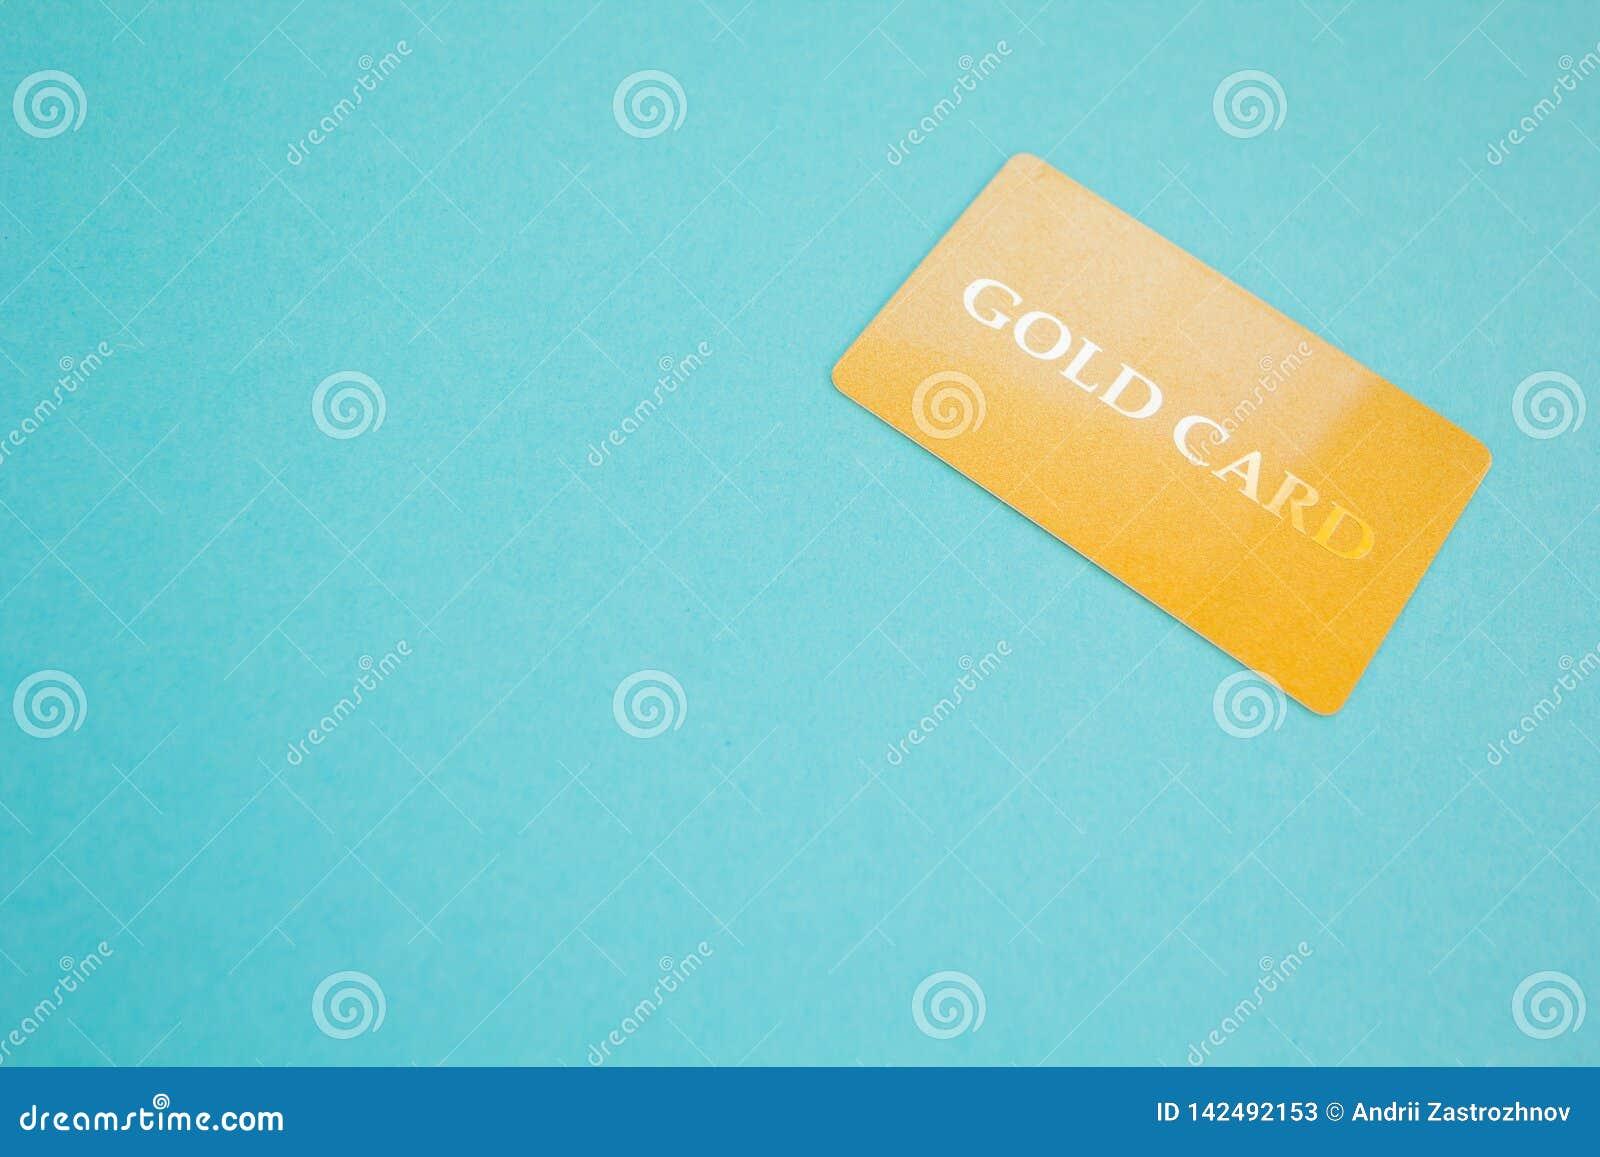 Χρυσή κάρτα σε ένα μπλε υπόβαθρο, έννοια Διάστημα για το κείμενο